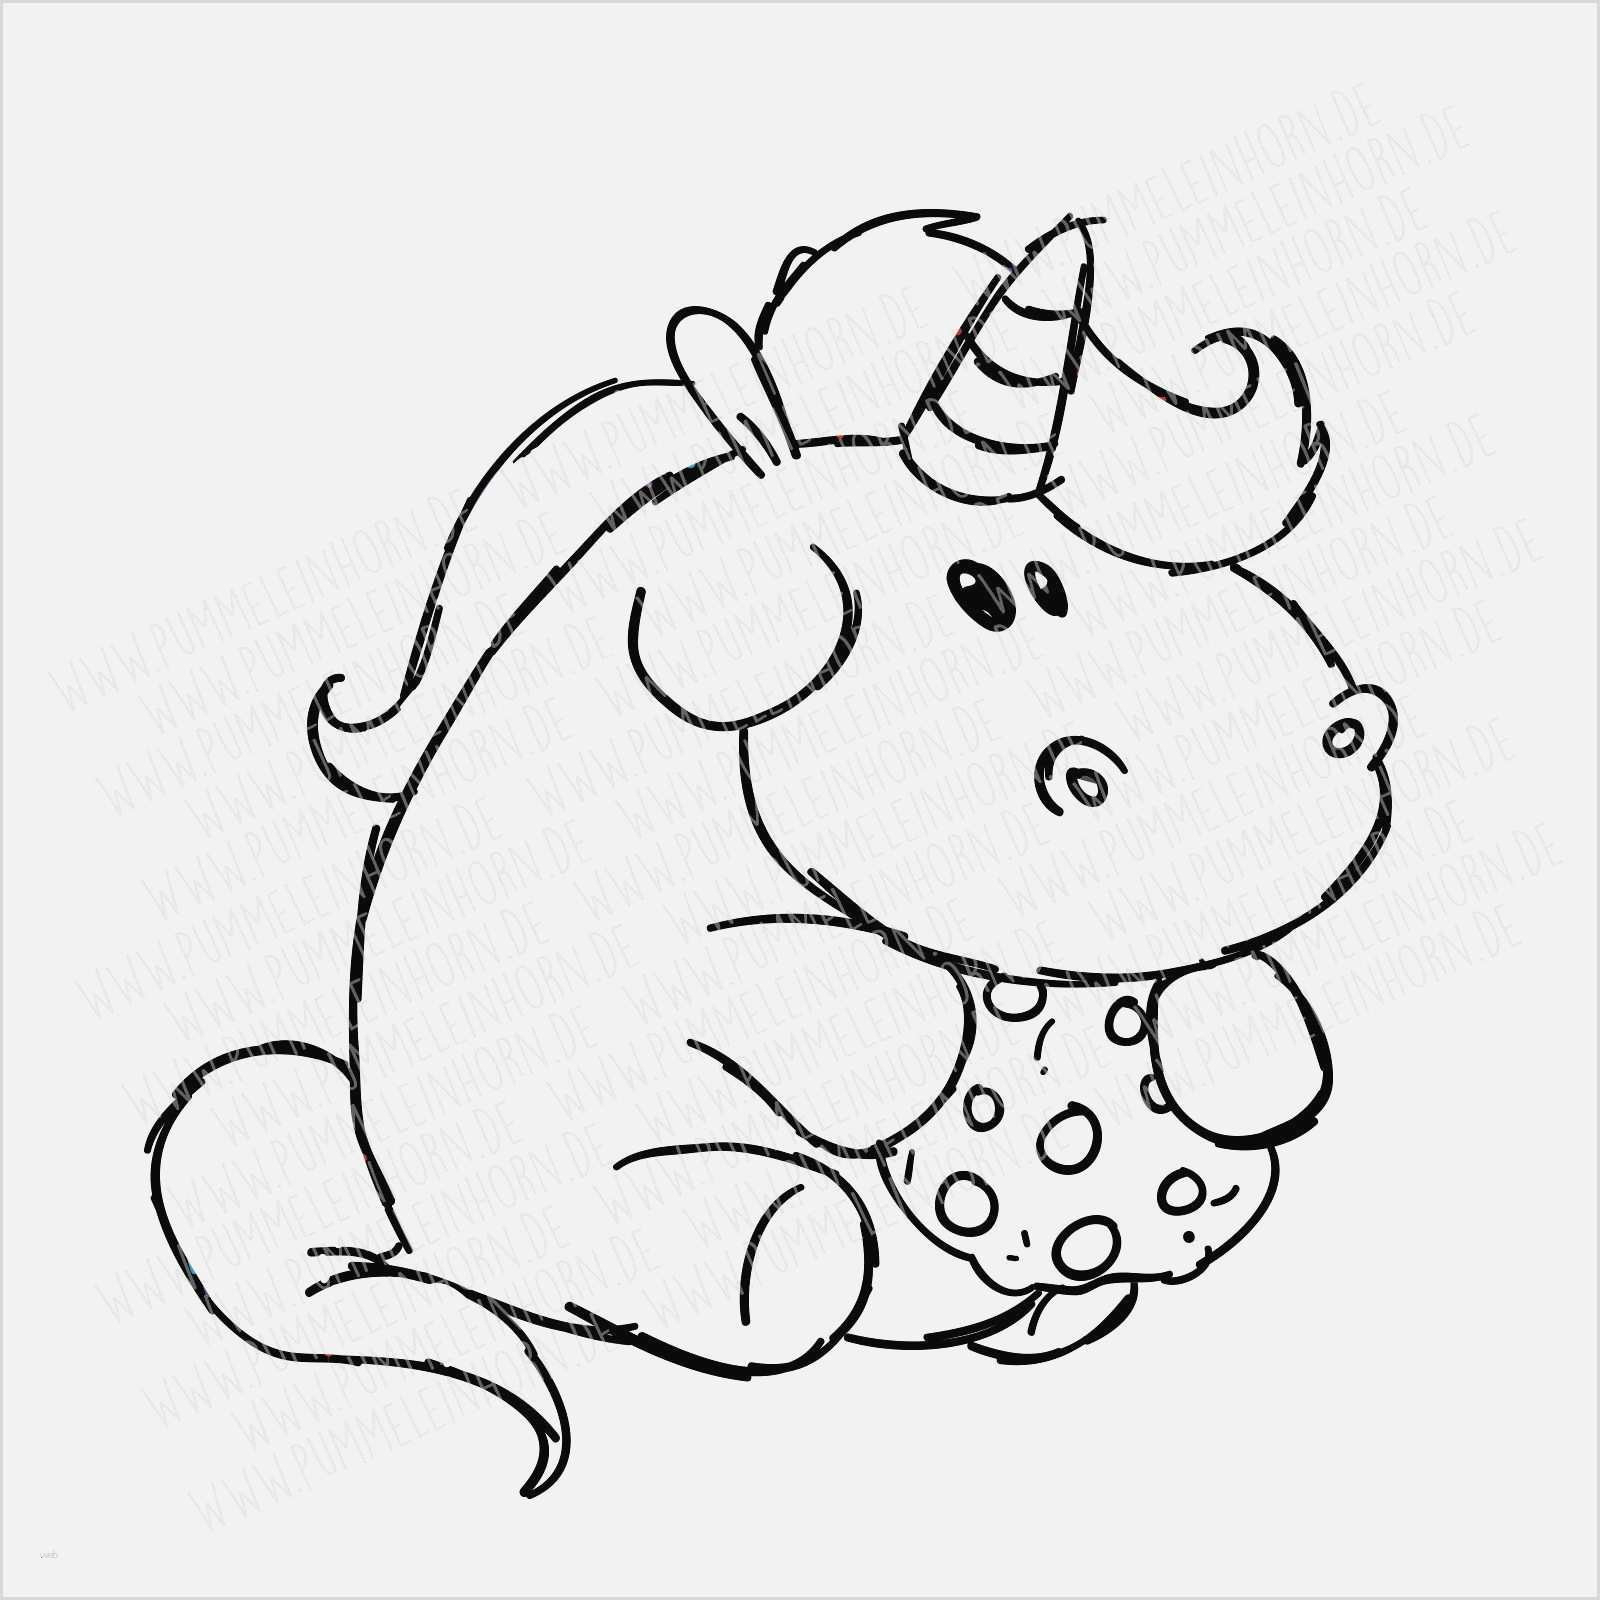 Kleine Tierbilder Zum Ausdrucken - Malvorlagen Für Kinder mit Tierbilder Zum Ausdrucken Und Ausmalen